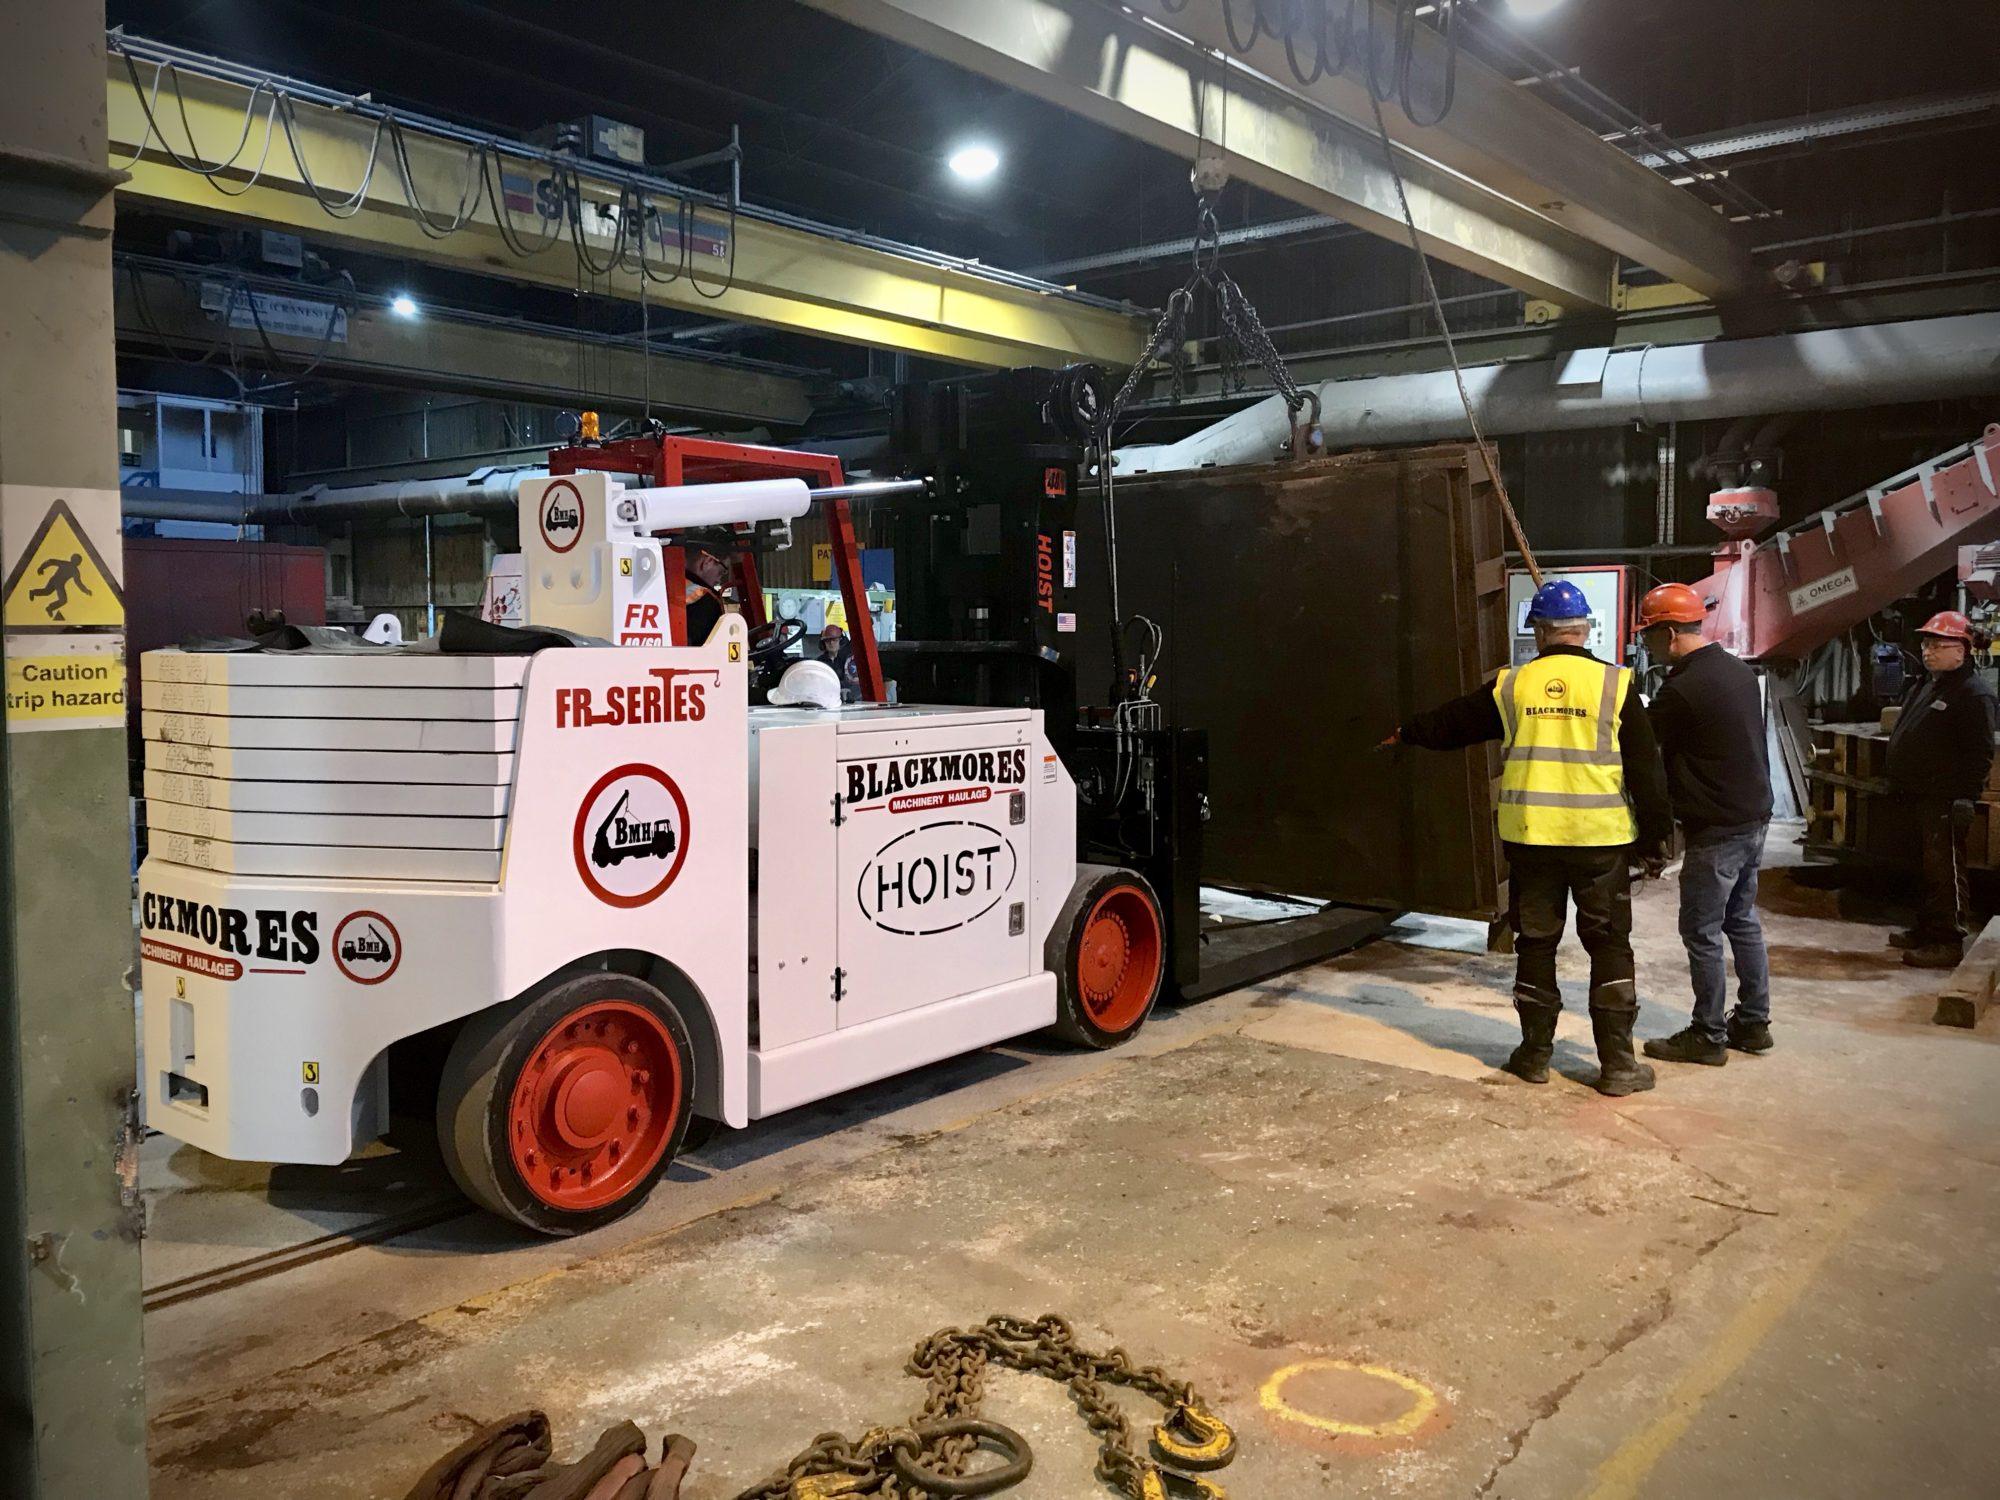 New Hoist 40/60 extendable Forklift